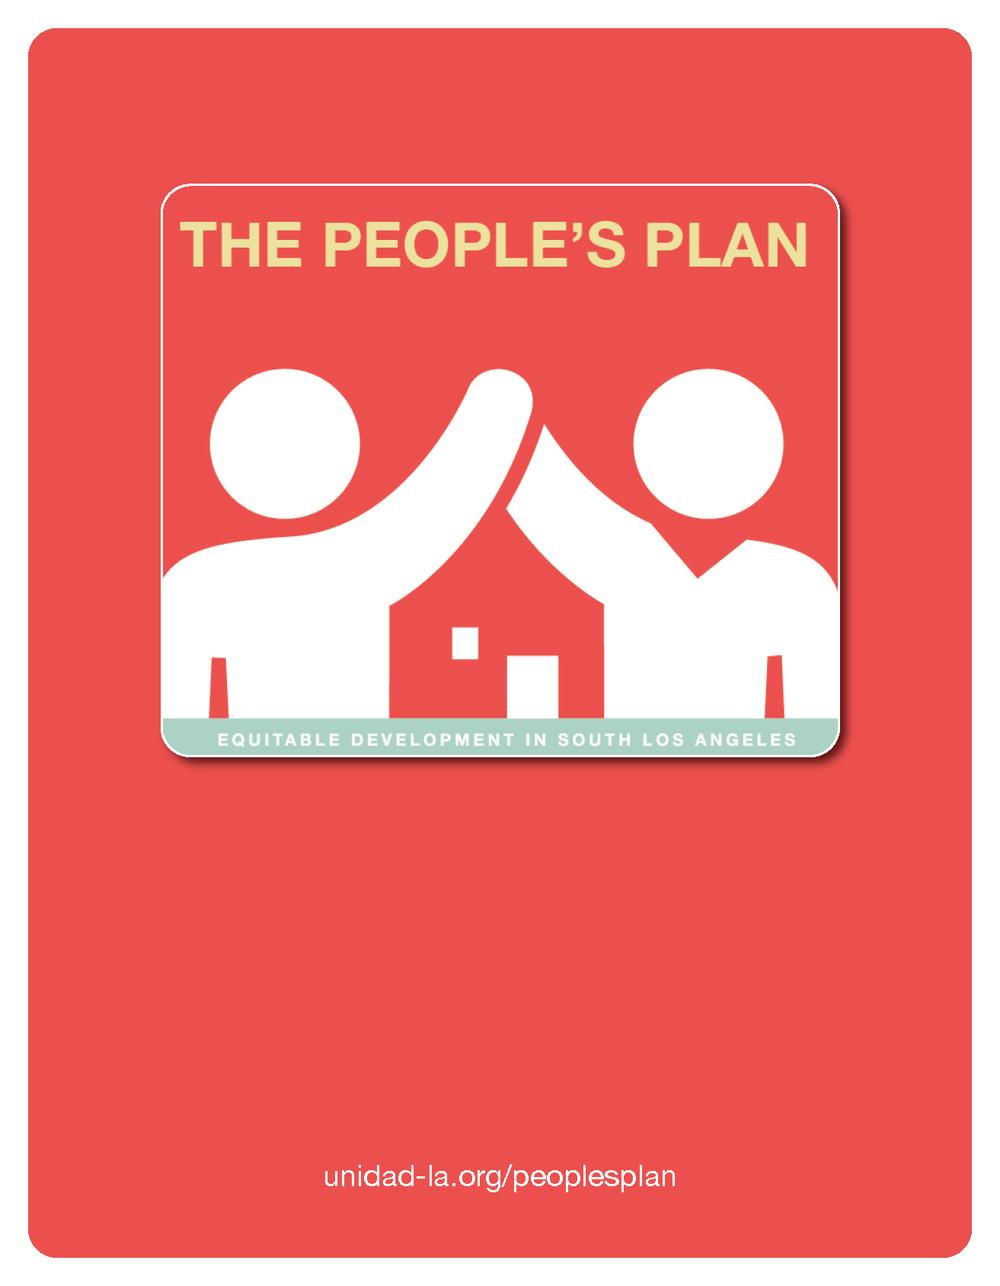 UNIDAD's People's Plan -